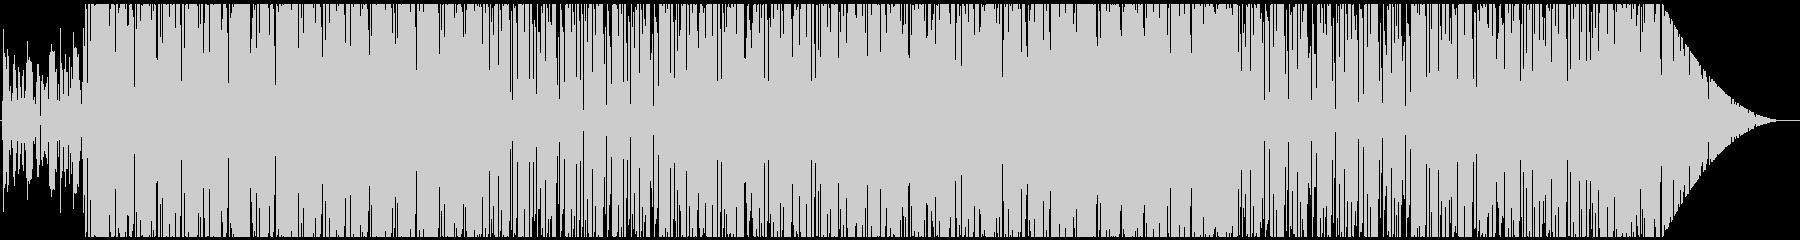 エレクトリックで無機質な曲の未再生の波形